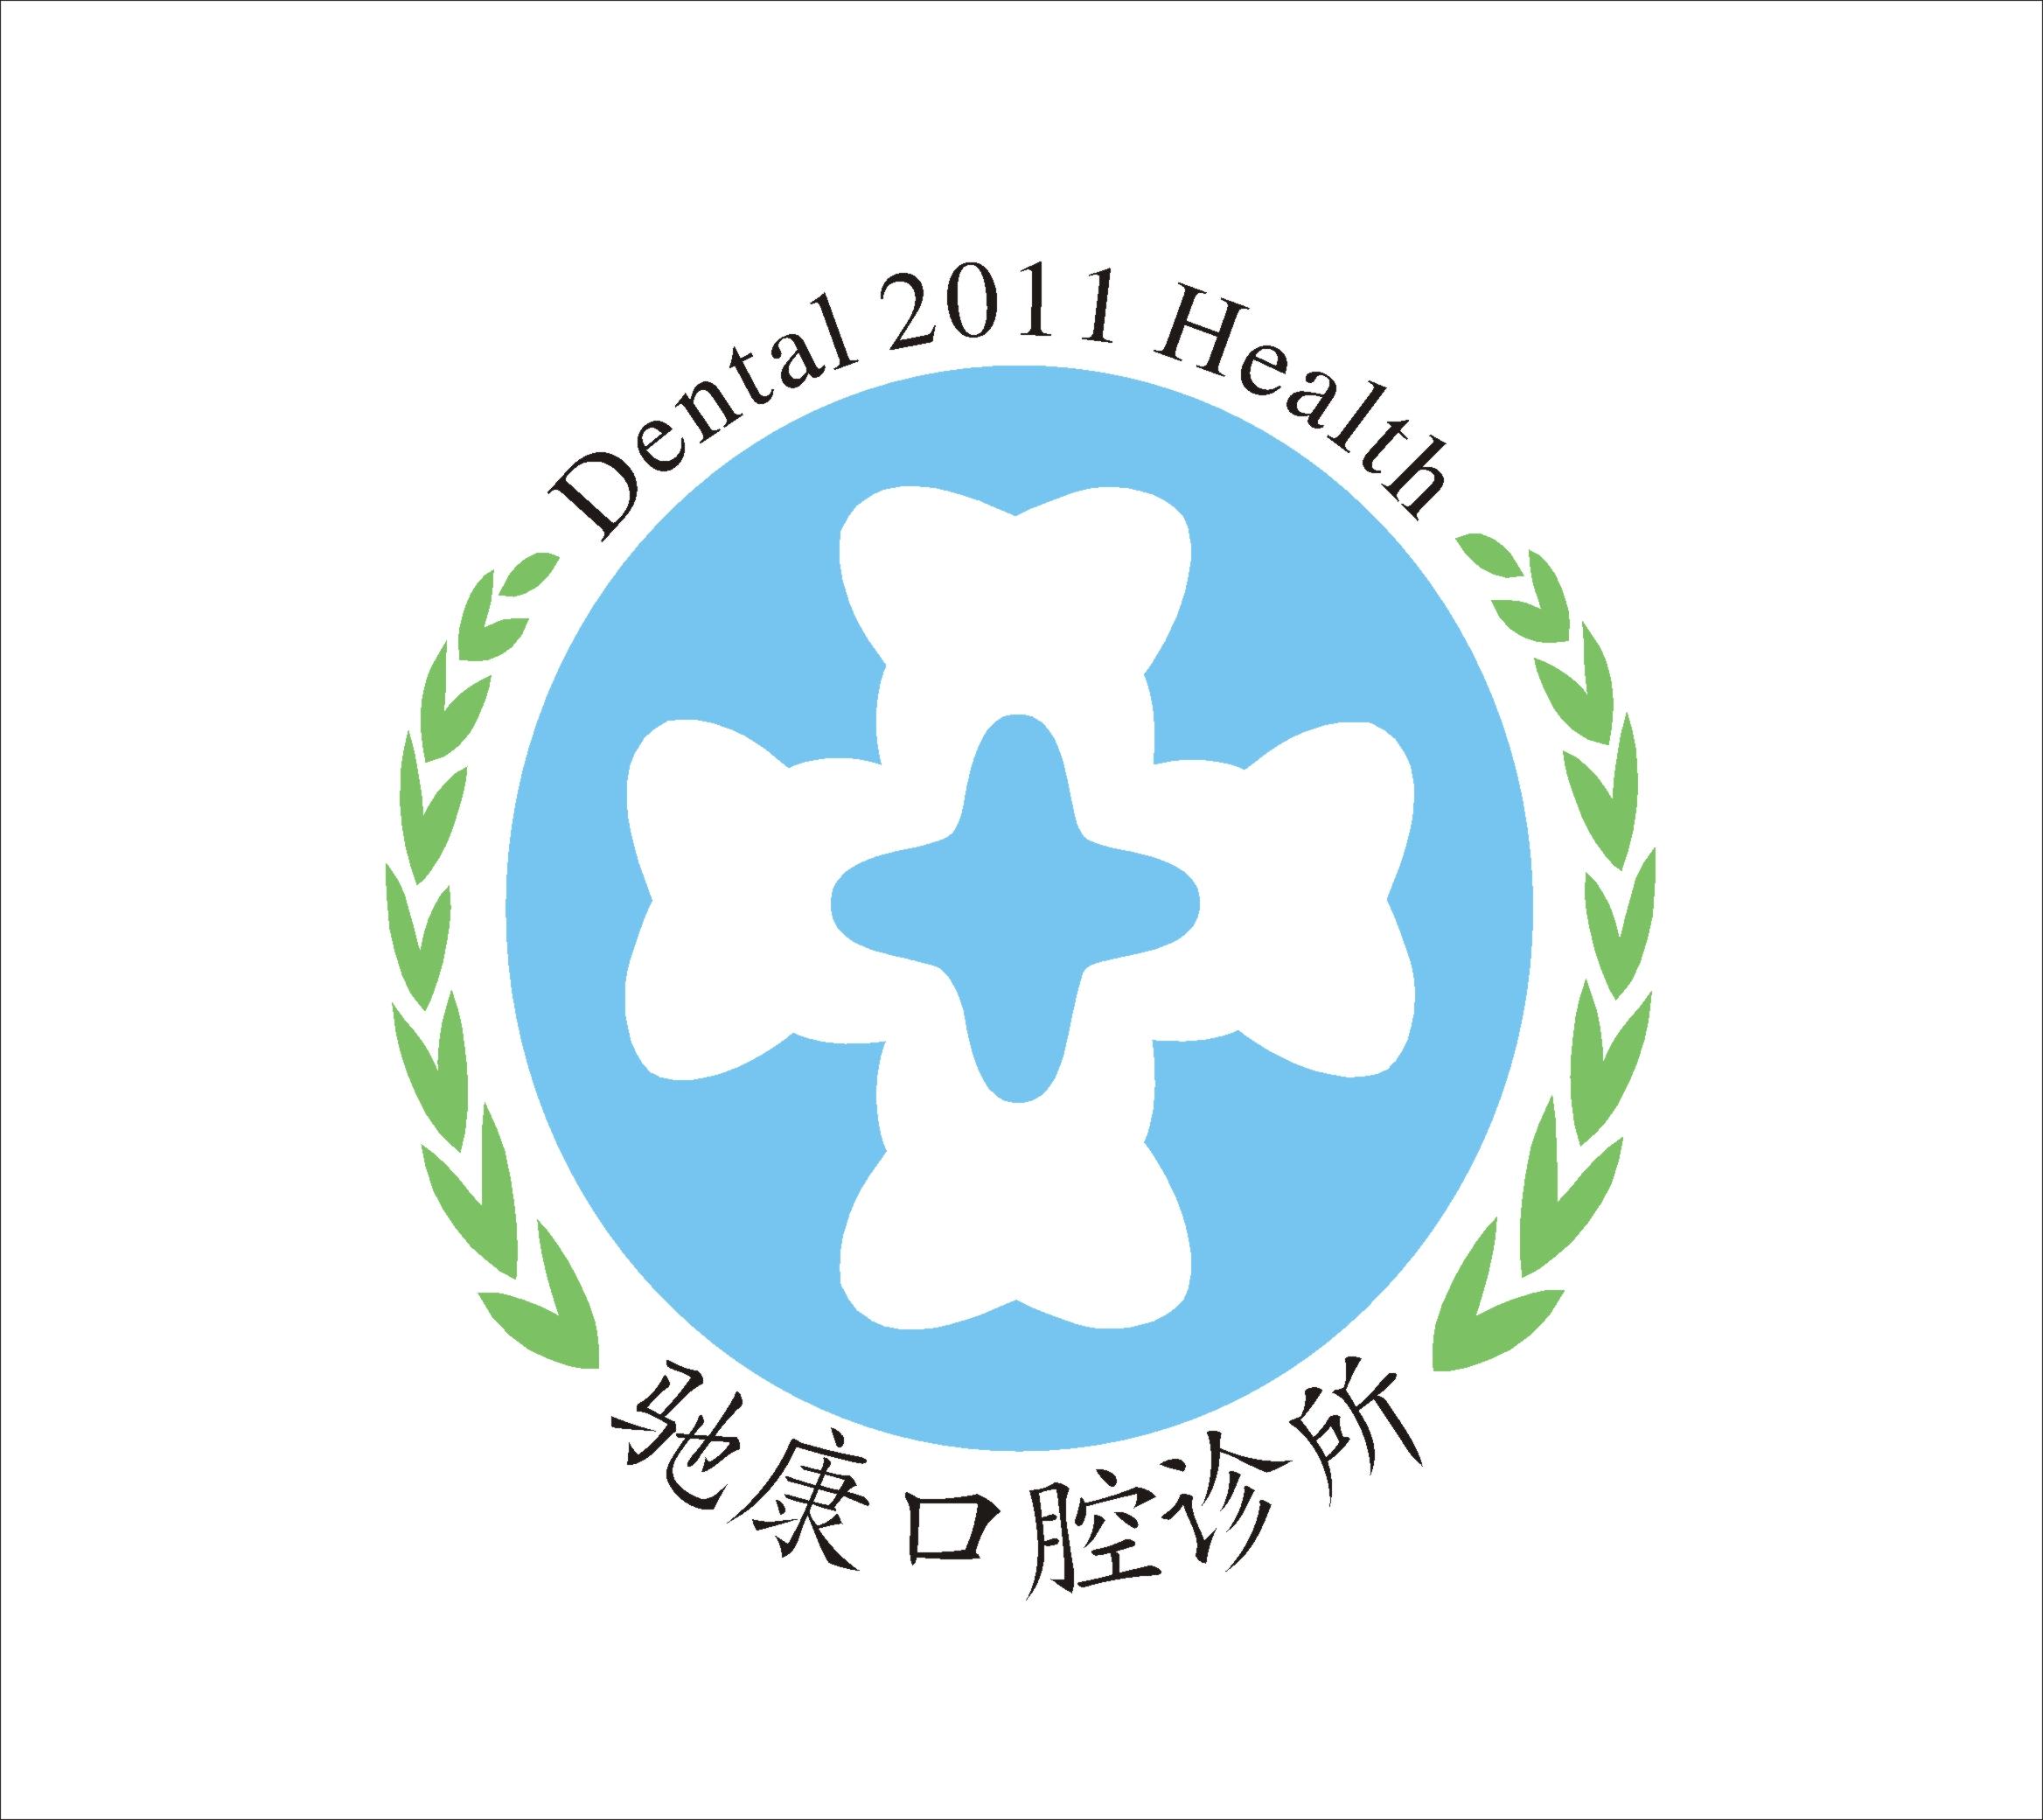 卡通牙齿造型排列的对称组合让人对logo的核心内容一